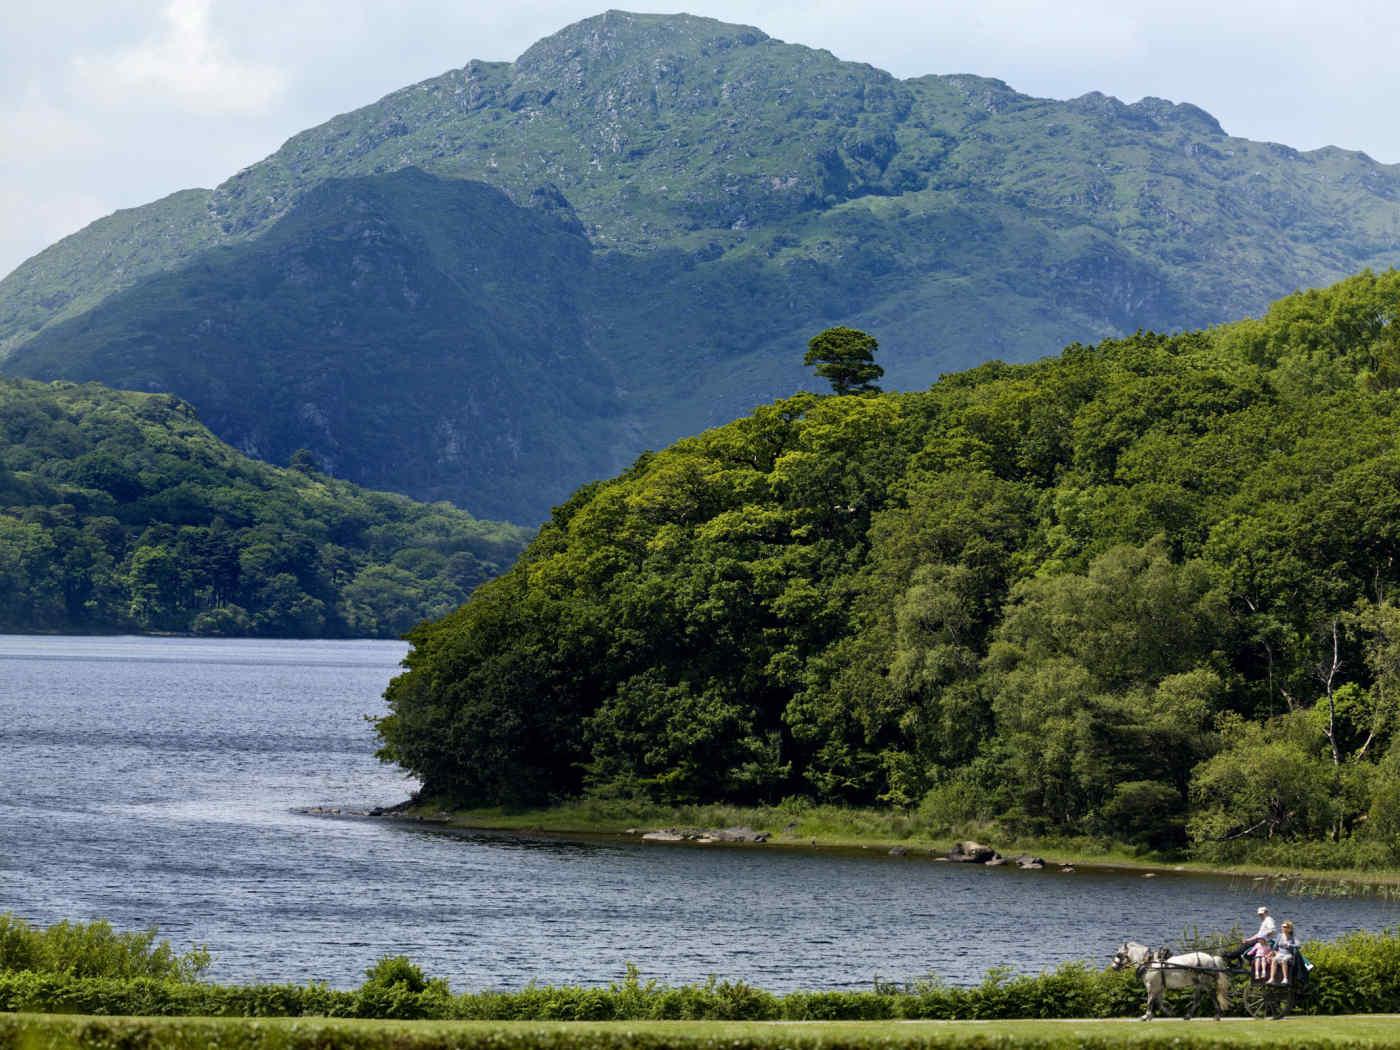 Lakes of Killarney in County Kerry, Ireland